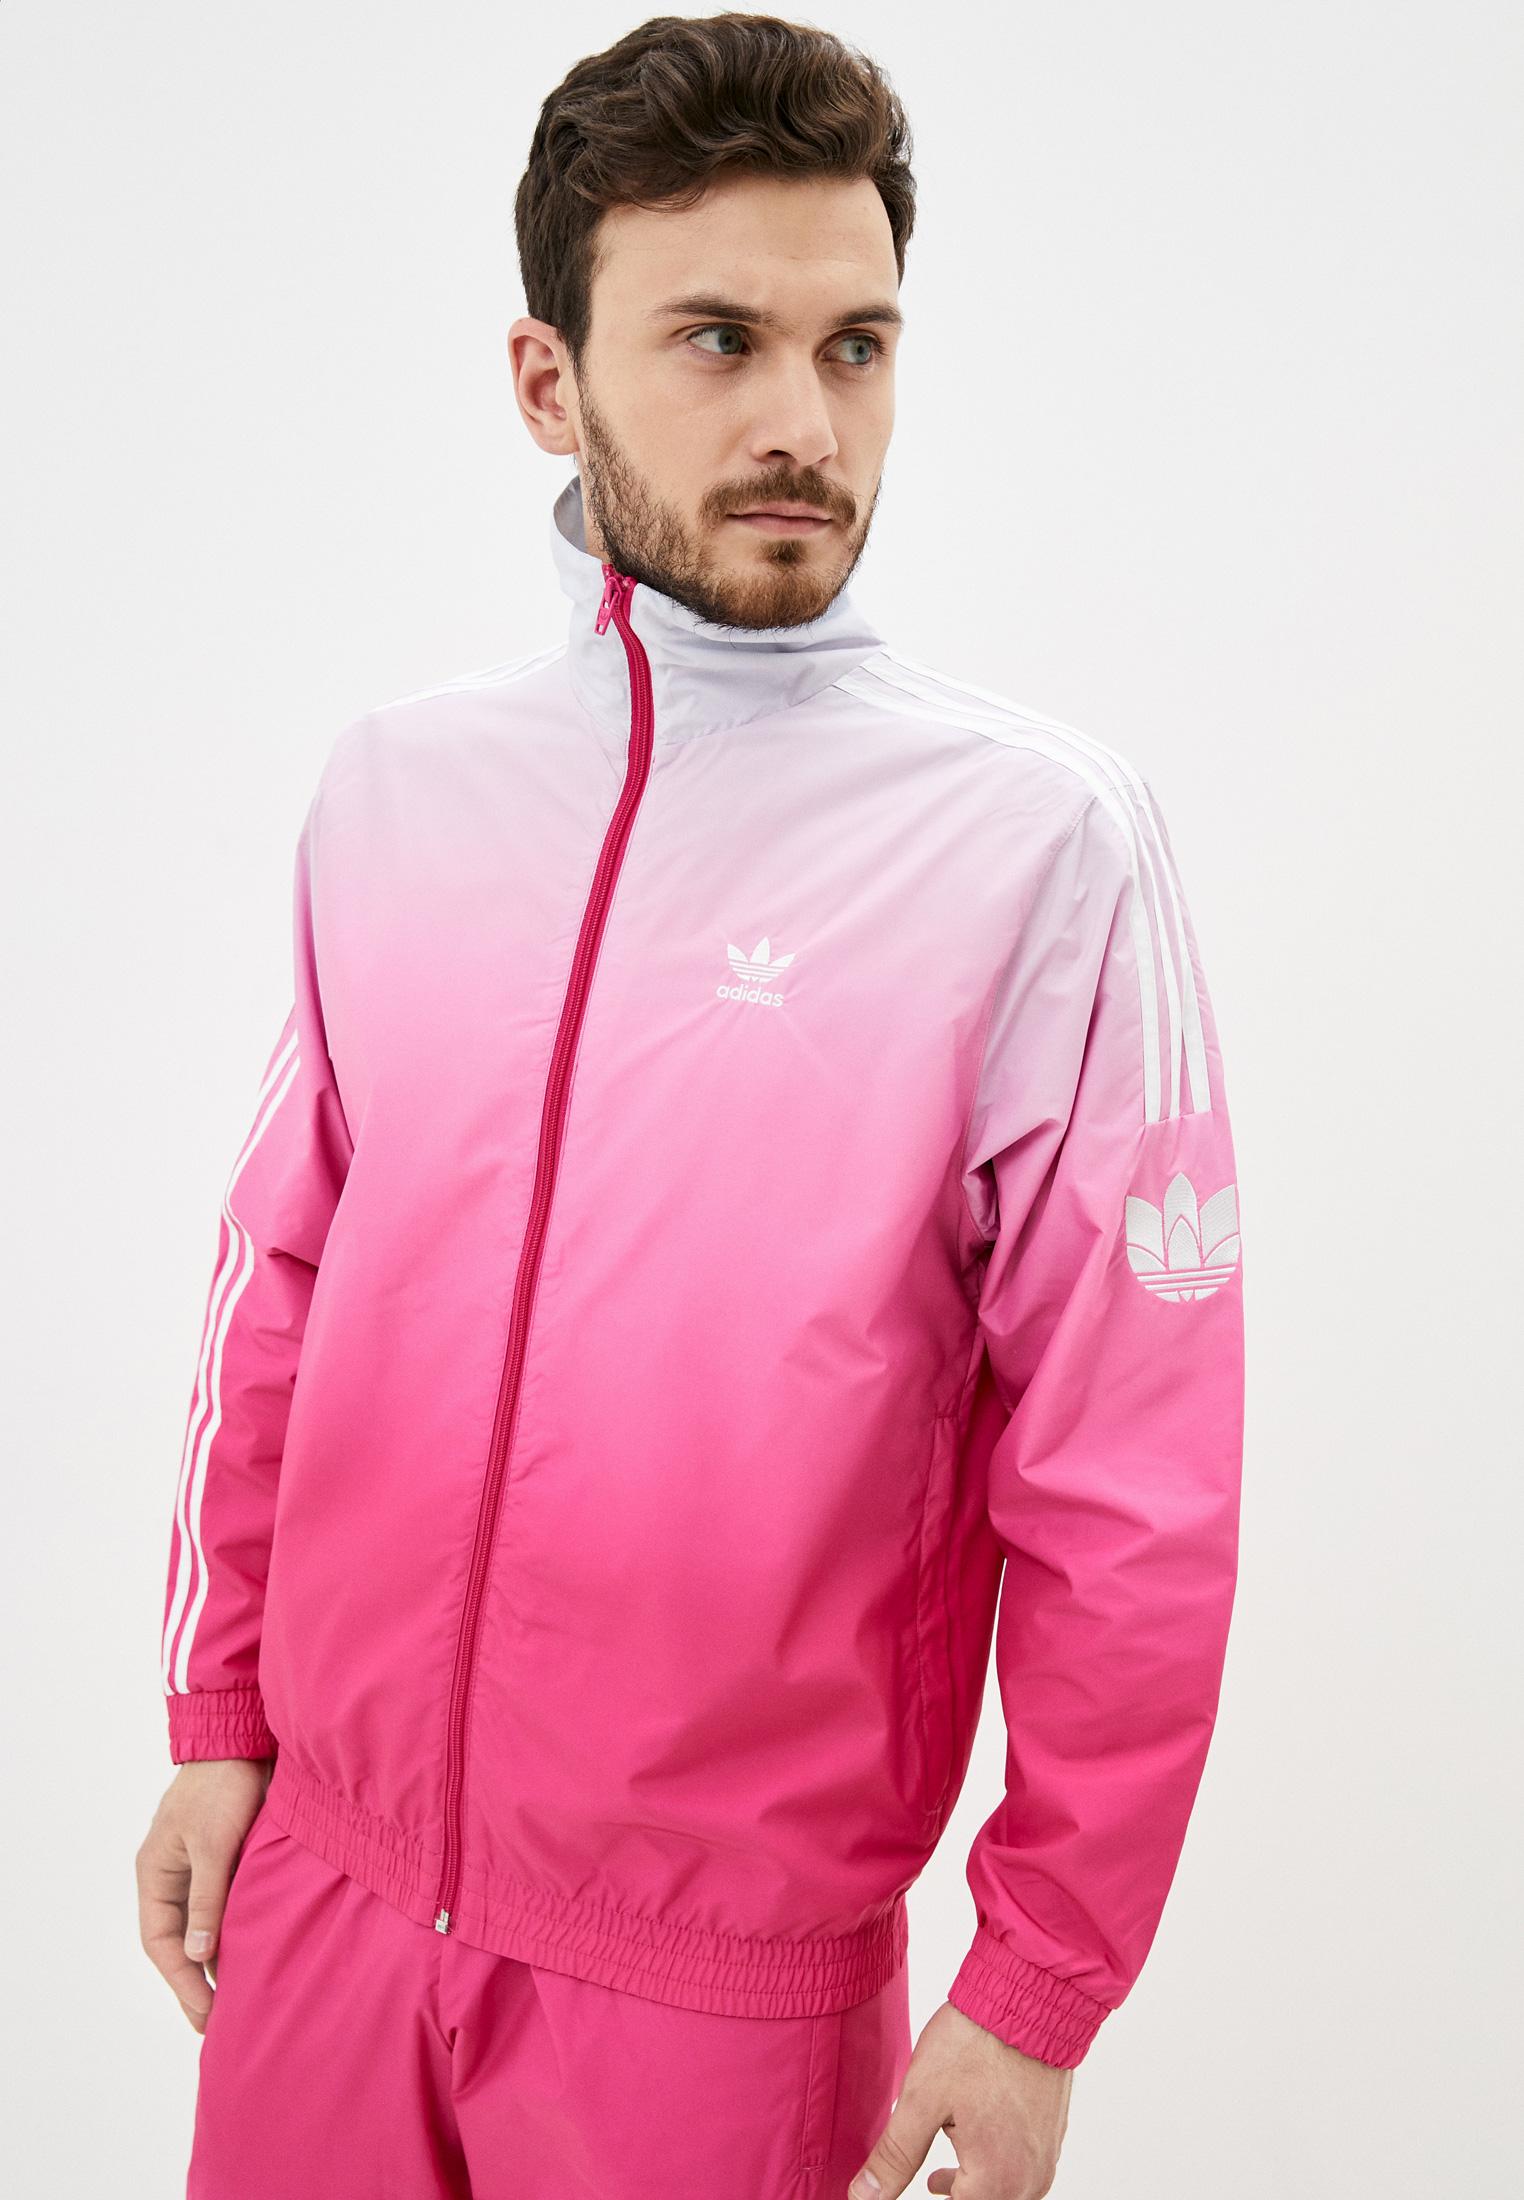 Мужская верхняя одежда Adidas Originals (Адидас Ориджиналс) Ветровка adidas Originals